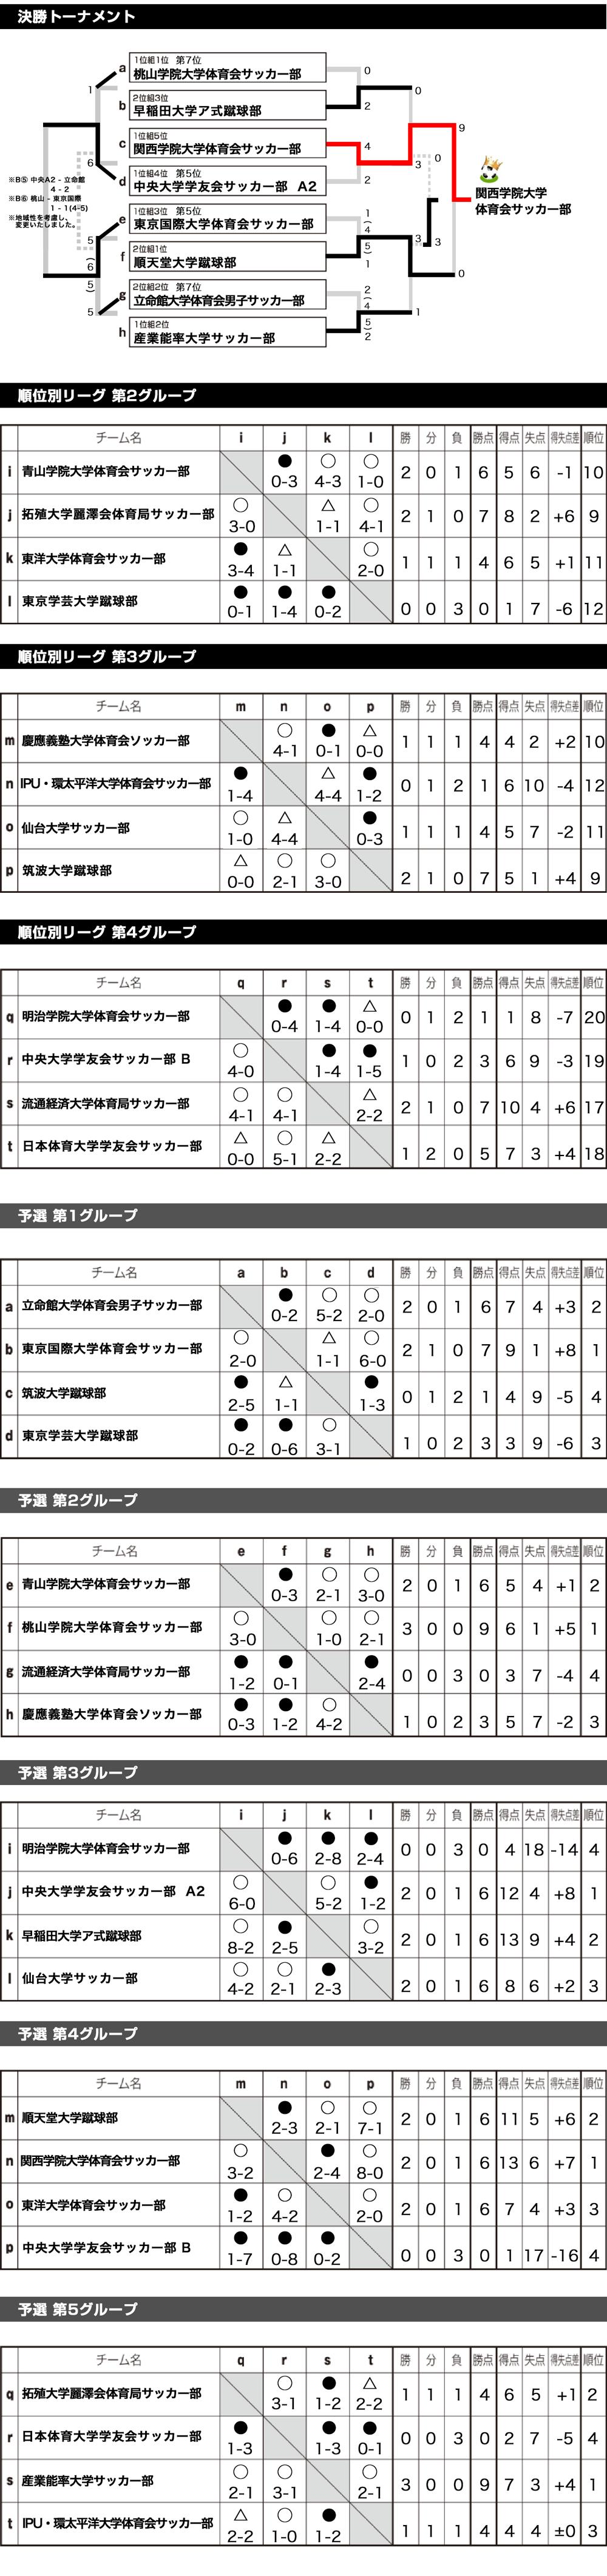 2018/3/12(月)〜2018/3/15(木) TRAUM CUP 2018東日本 in SPRING トーナメント表